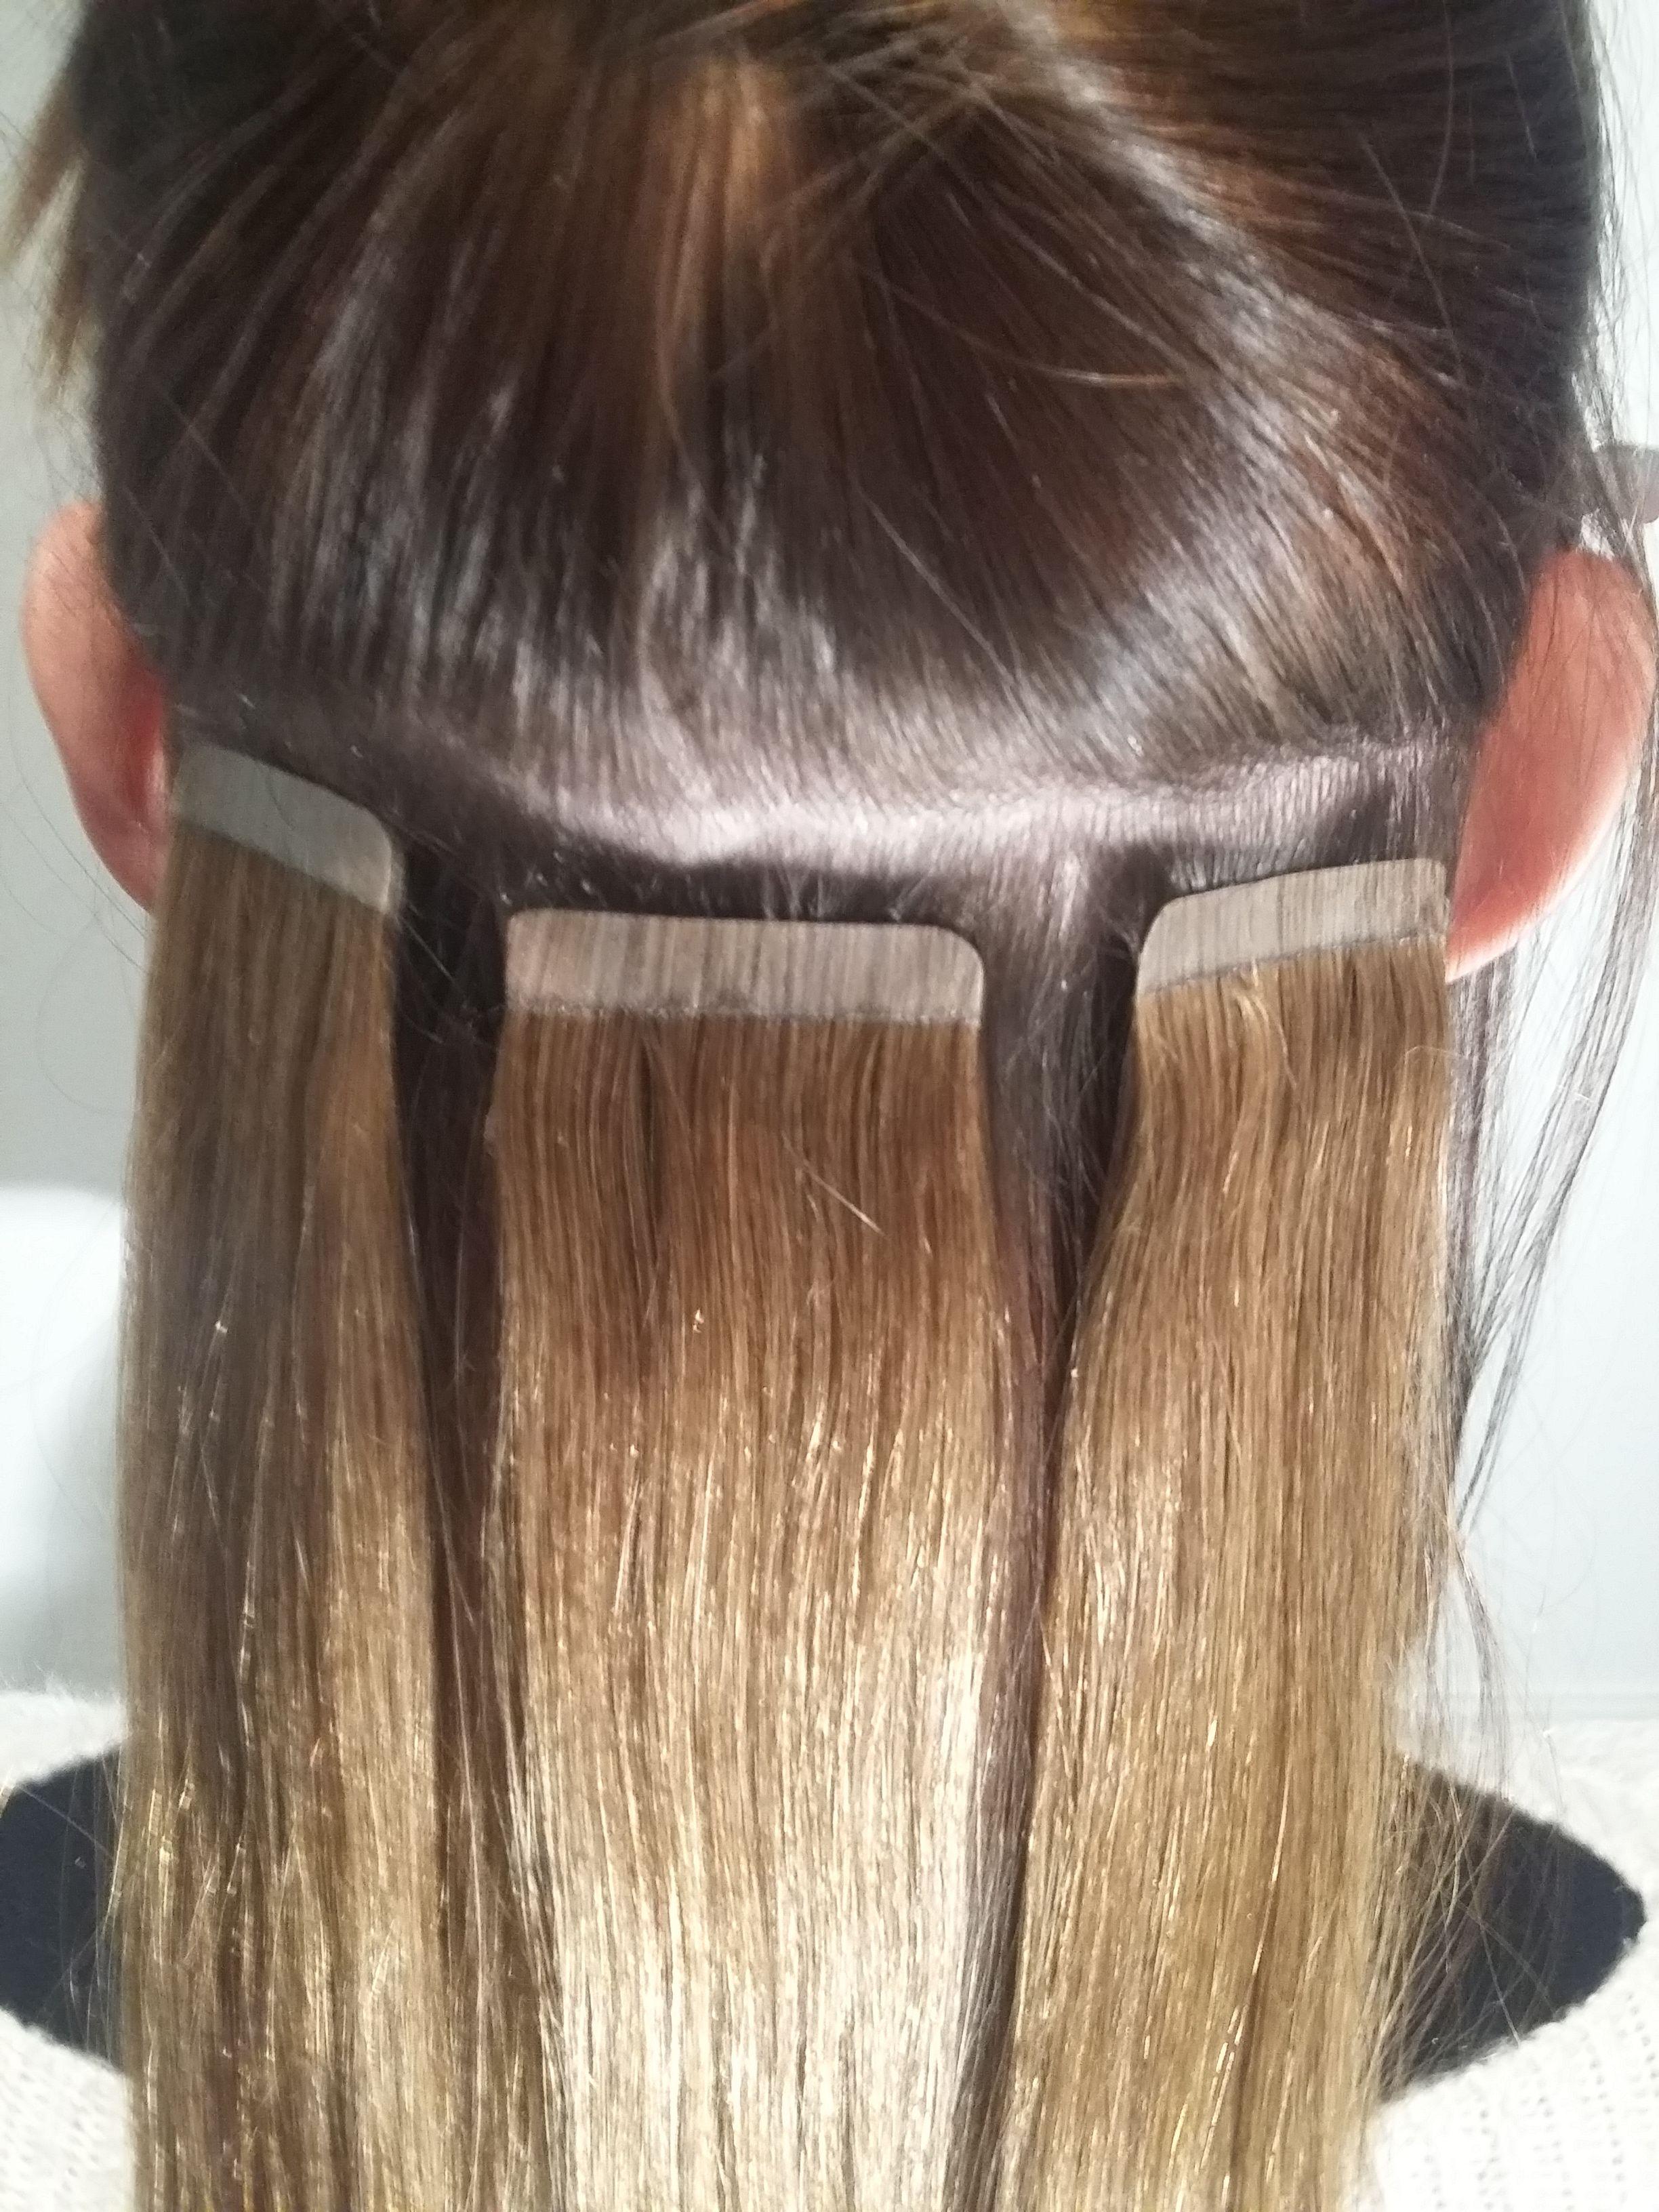 Pose D Extensions Bandes Adhesives Aussi Appele Tapes Extensions De Cheveux Extension Cheveux Extension Cheveux Avant Apres